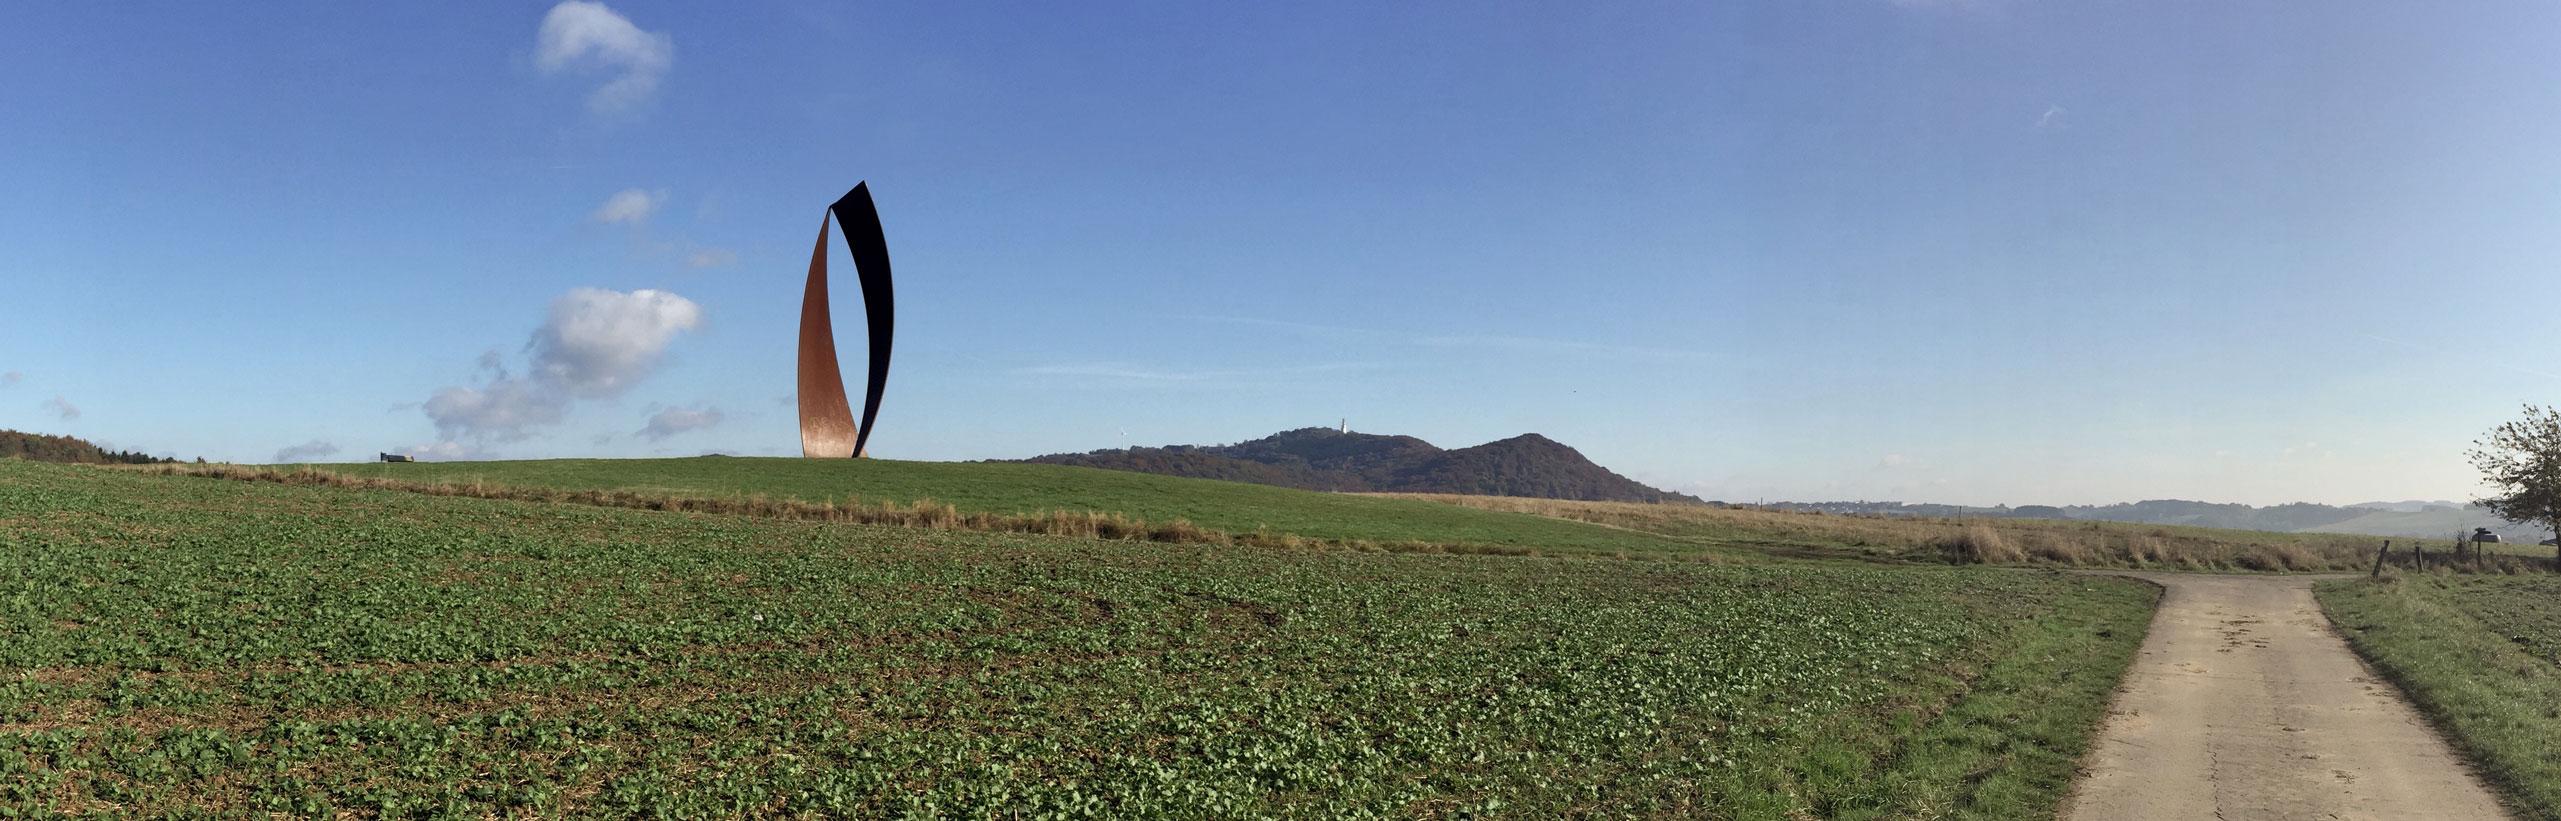 Panoramabild über ein Feld mit Blick auf das Wortsegel